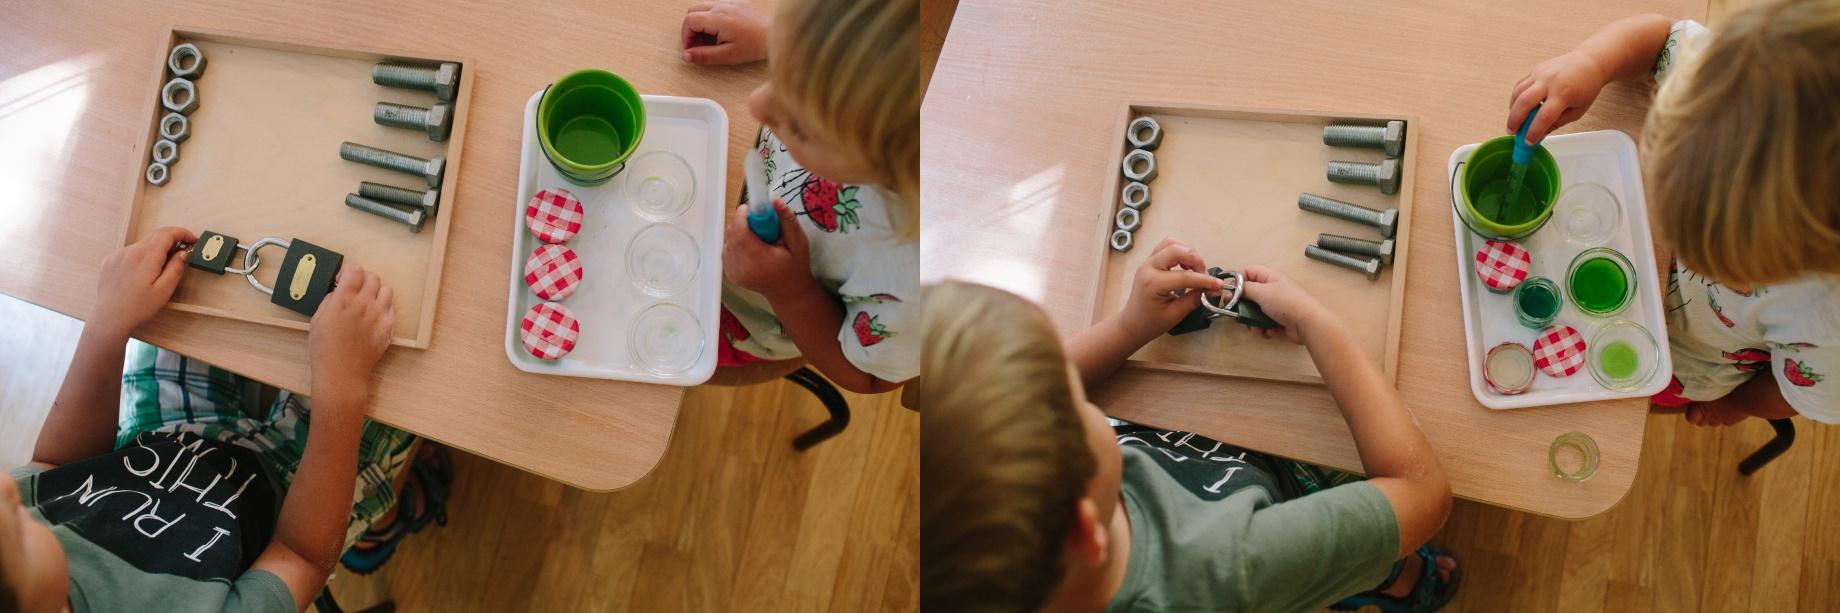 pomoce Montessori